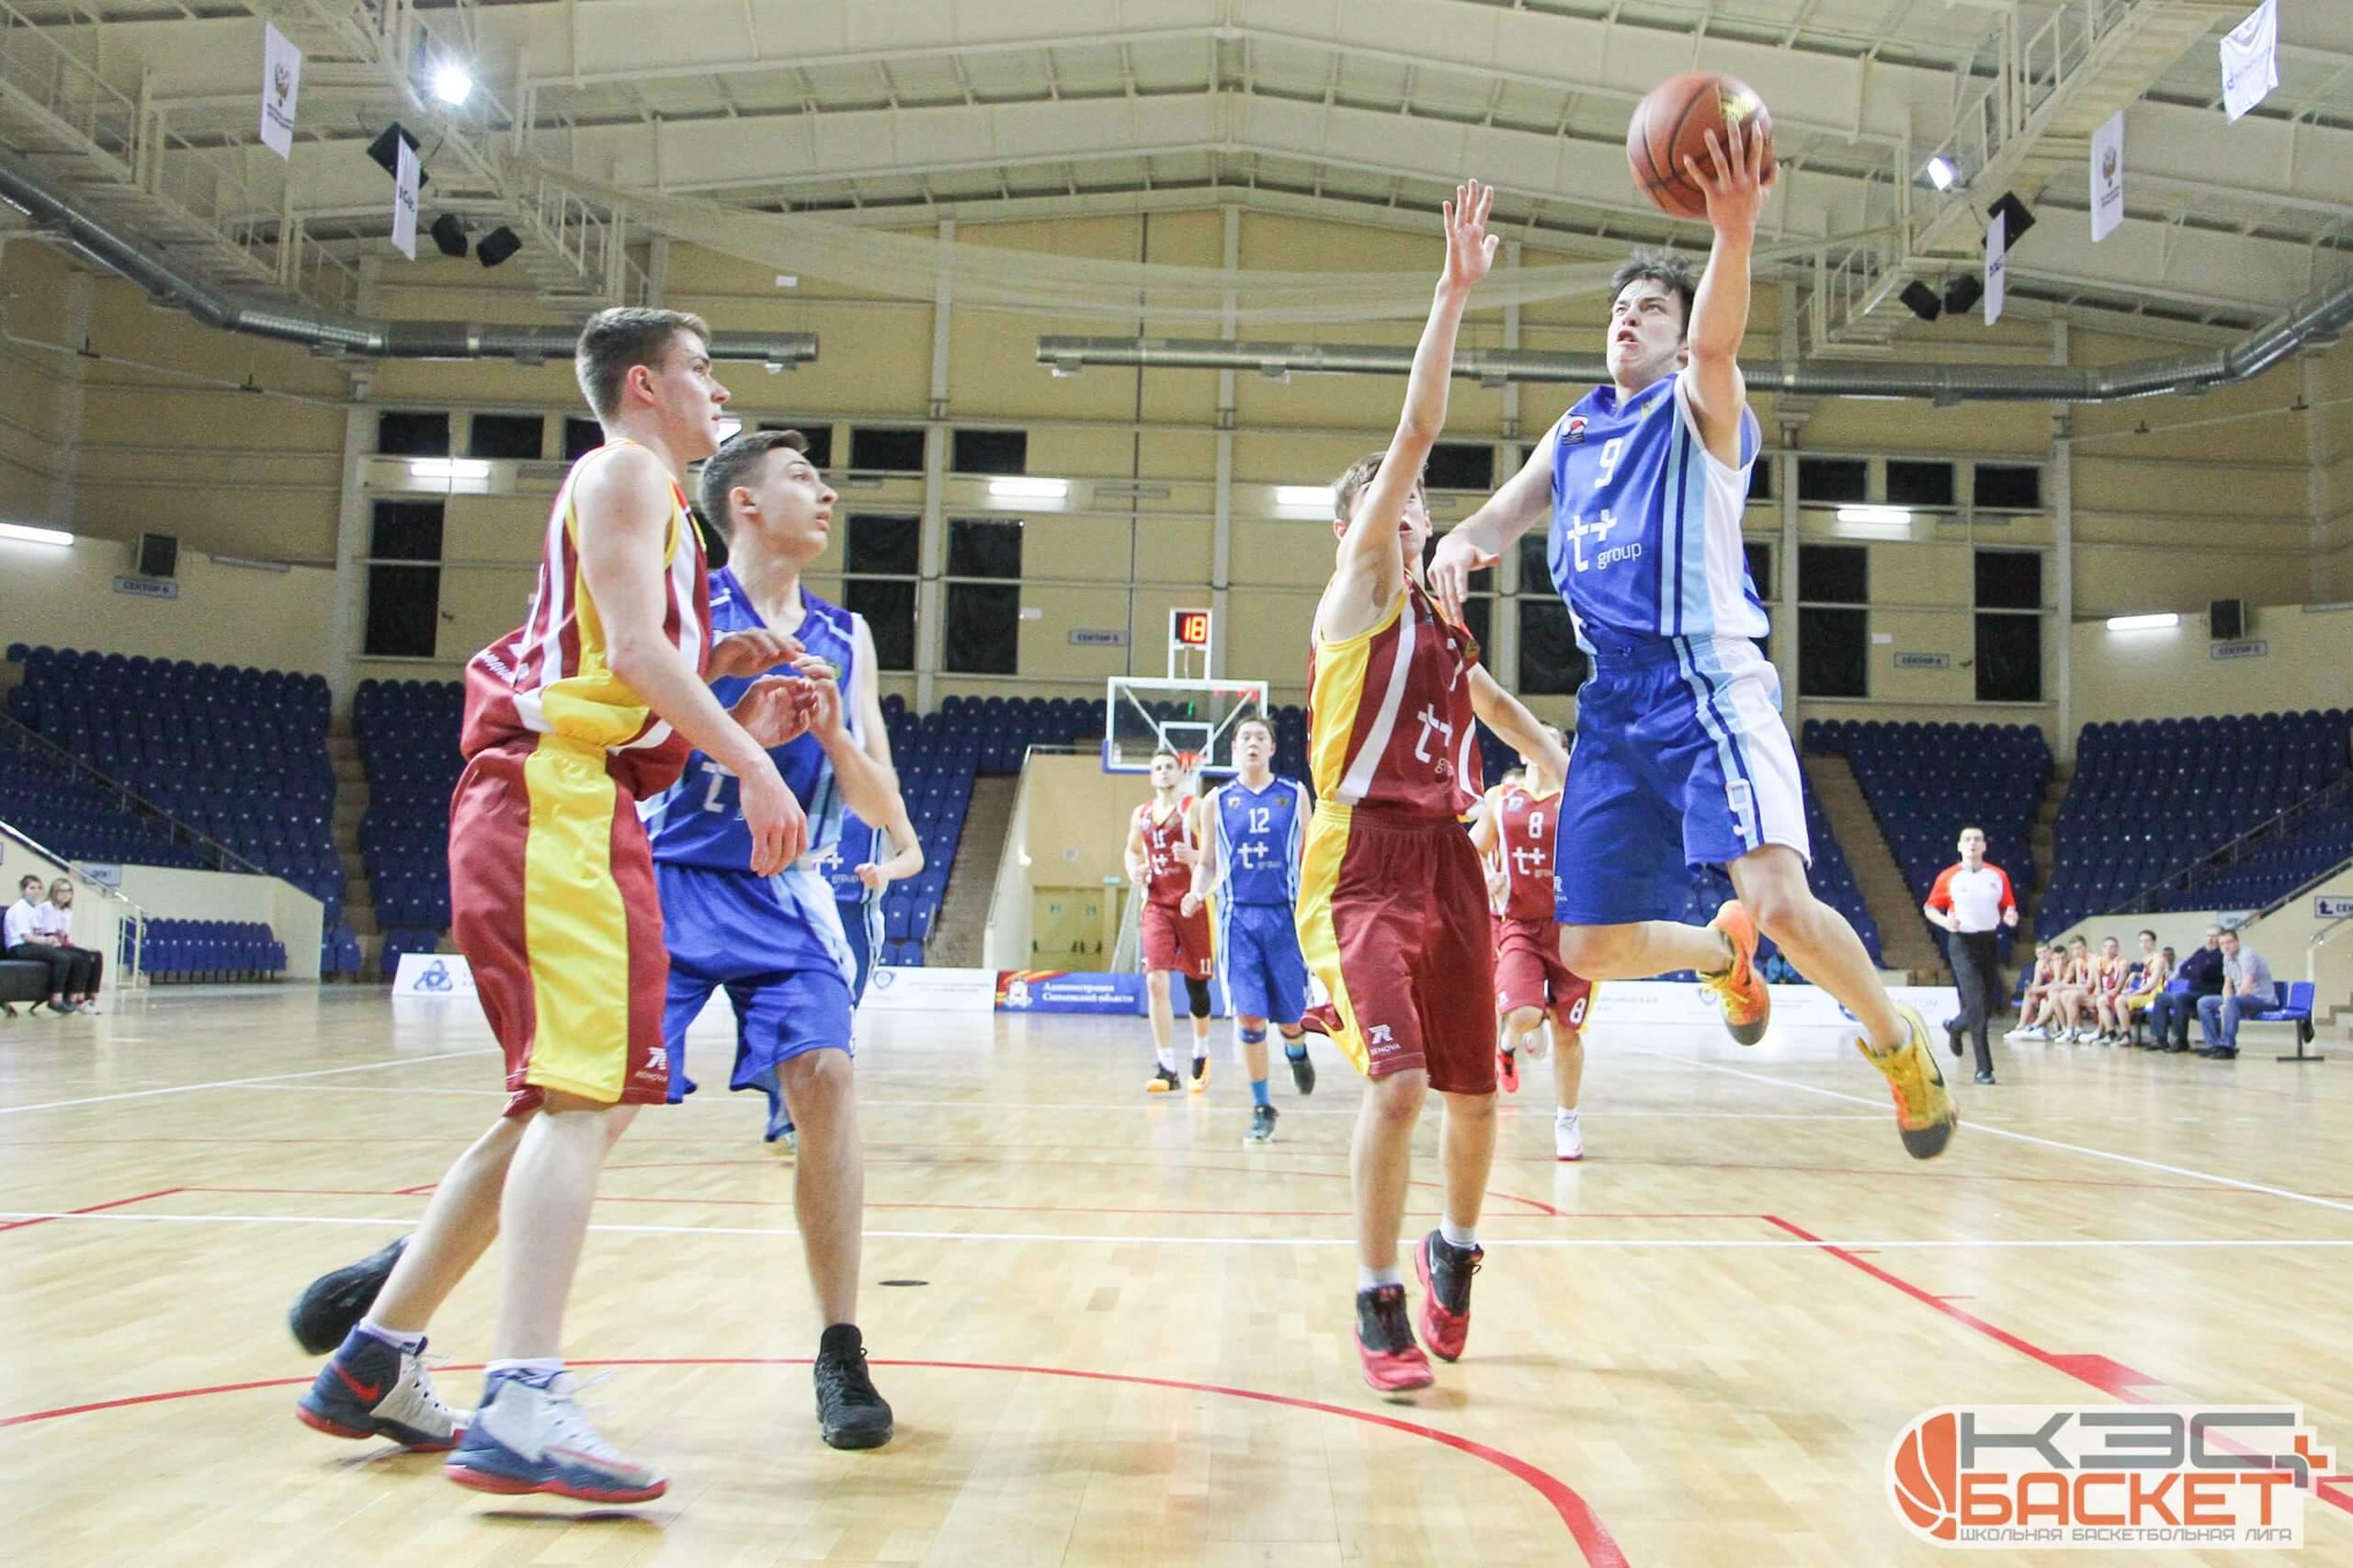 Ржевские баскетболисты стали первыми в финале Чемпионата ЦФО